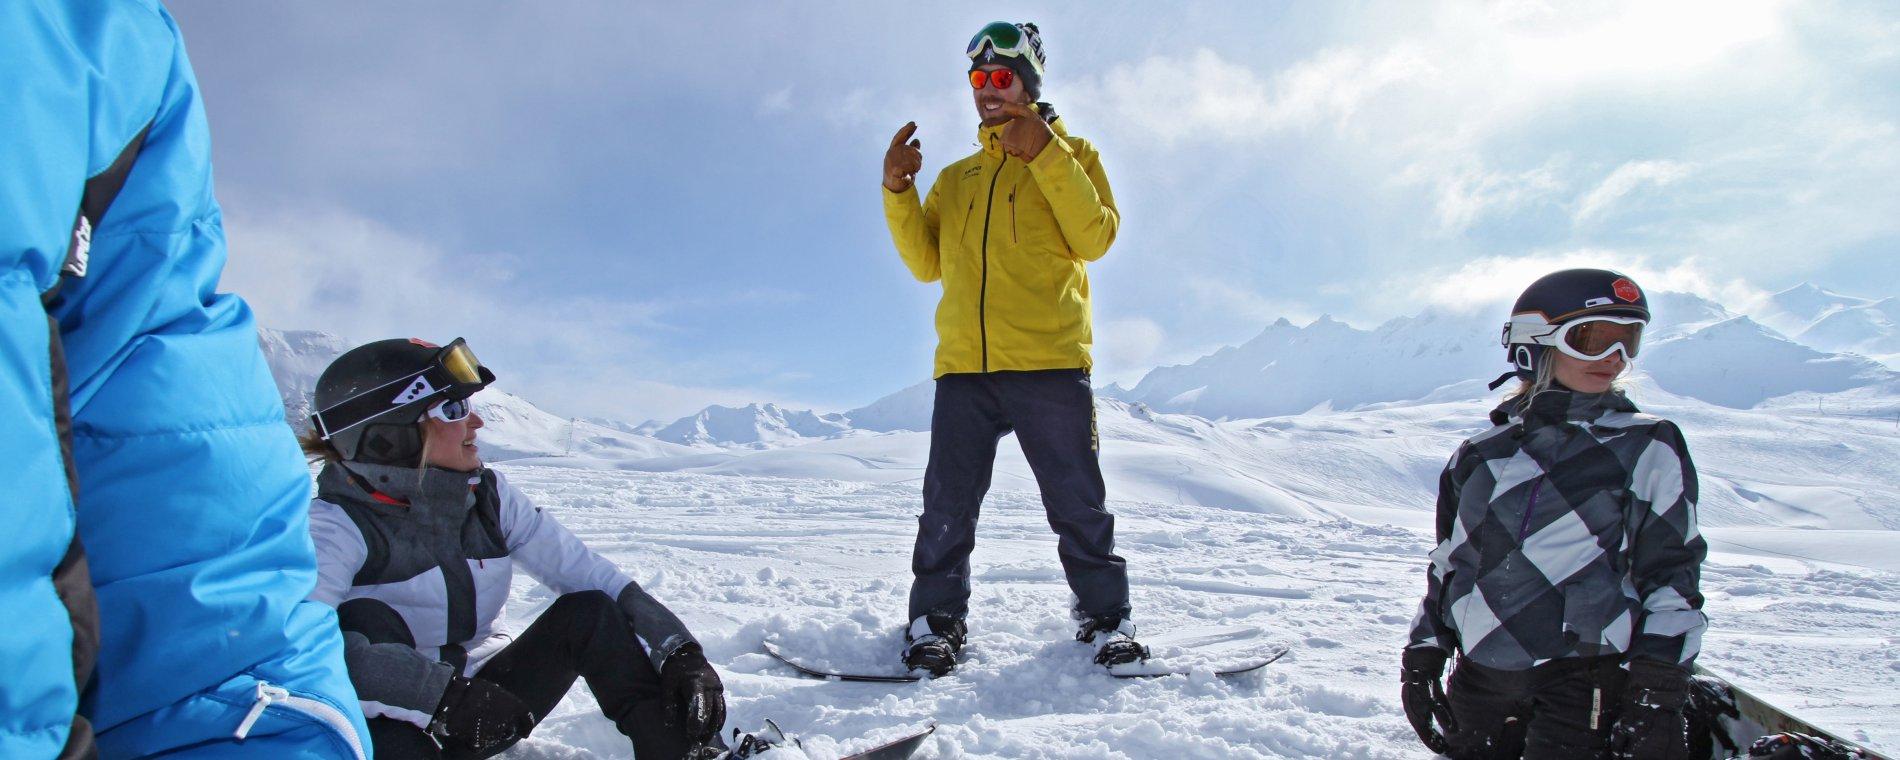 De introductie off piste ski tignes frankrijk is de perfecte trip voor ervaren piste skiërs die de sprong ...